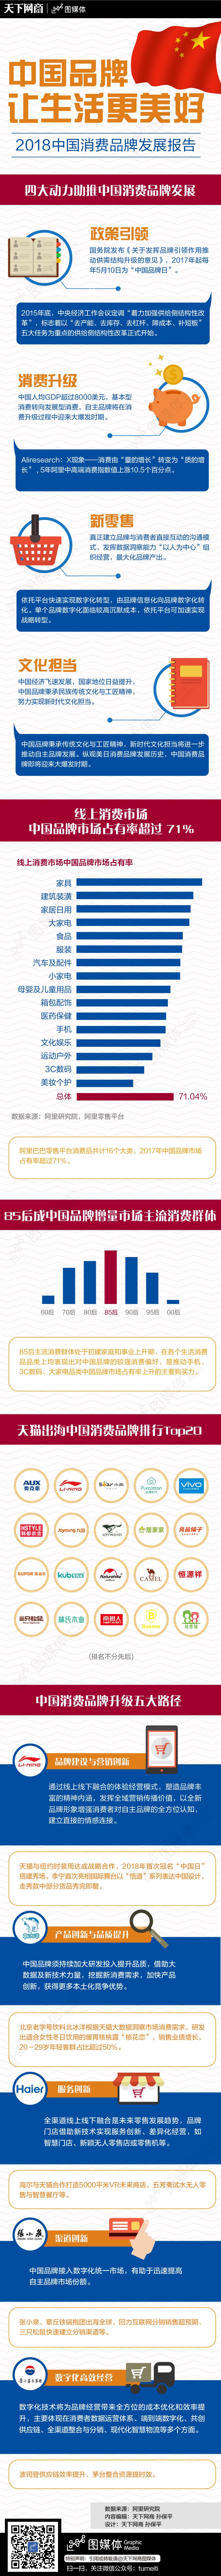 中国消费品牌发展报告-01